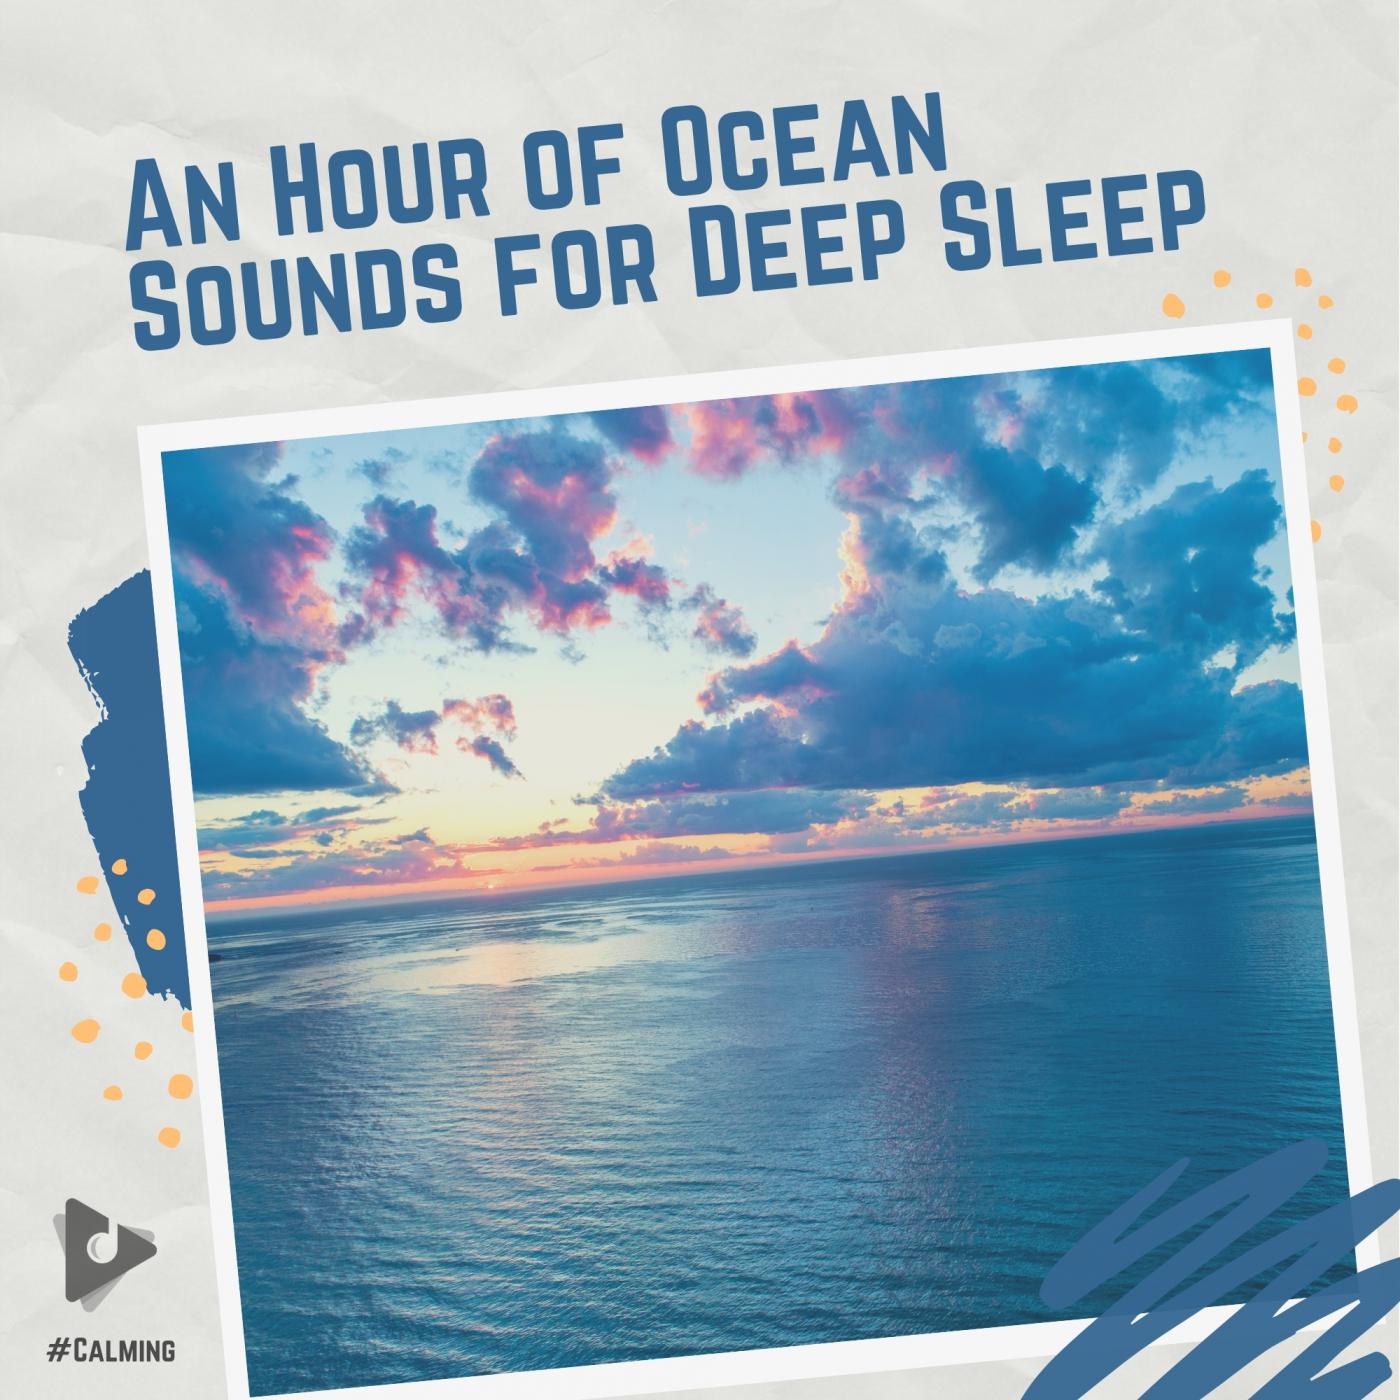 An Hour of Ocean Sounds for Deep Sleeping